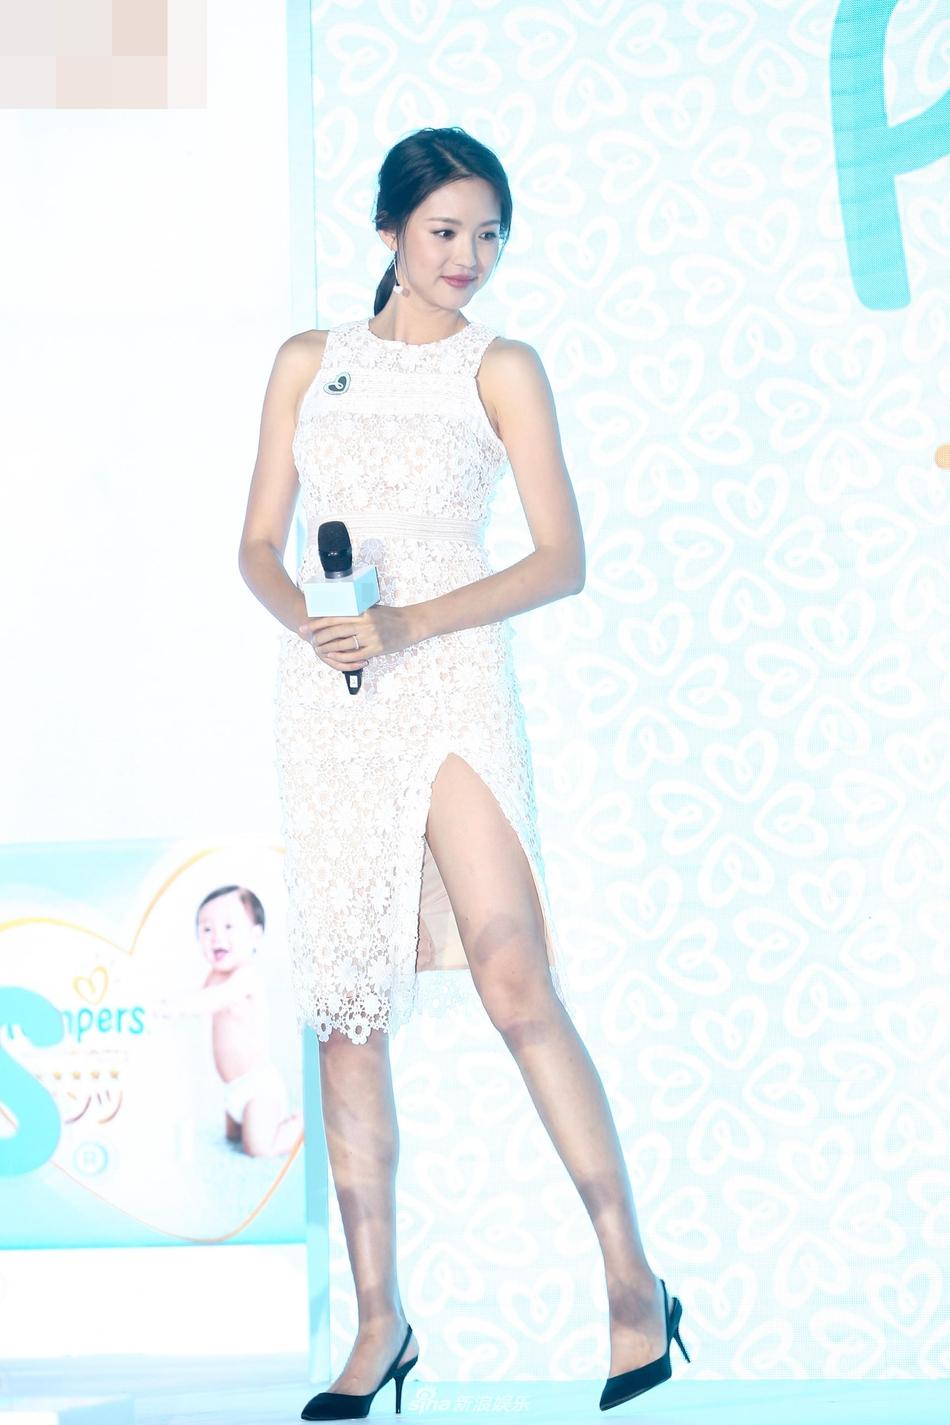 组图:张梓琳镂空透视装性感惹火 高开叉裙秀修长美腿